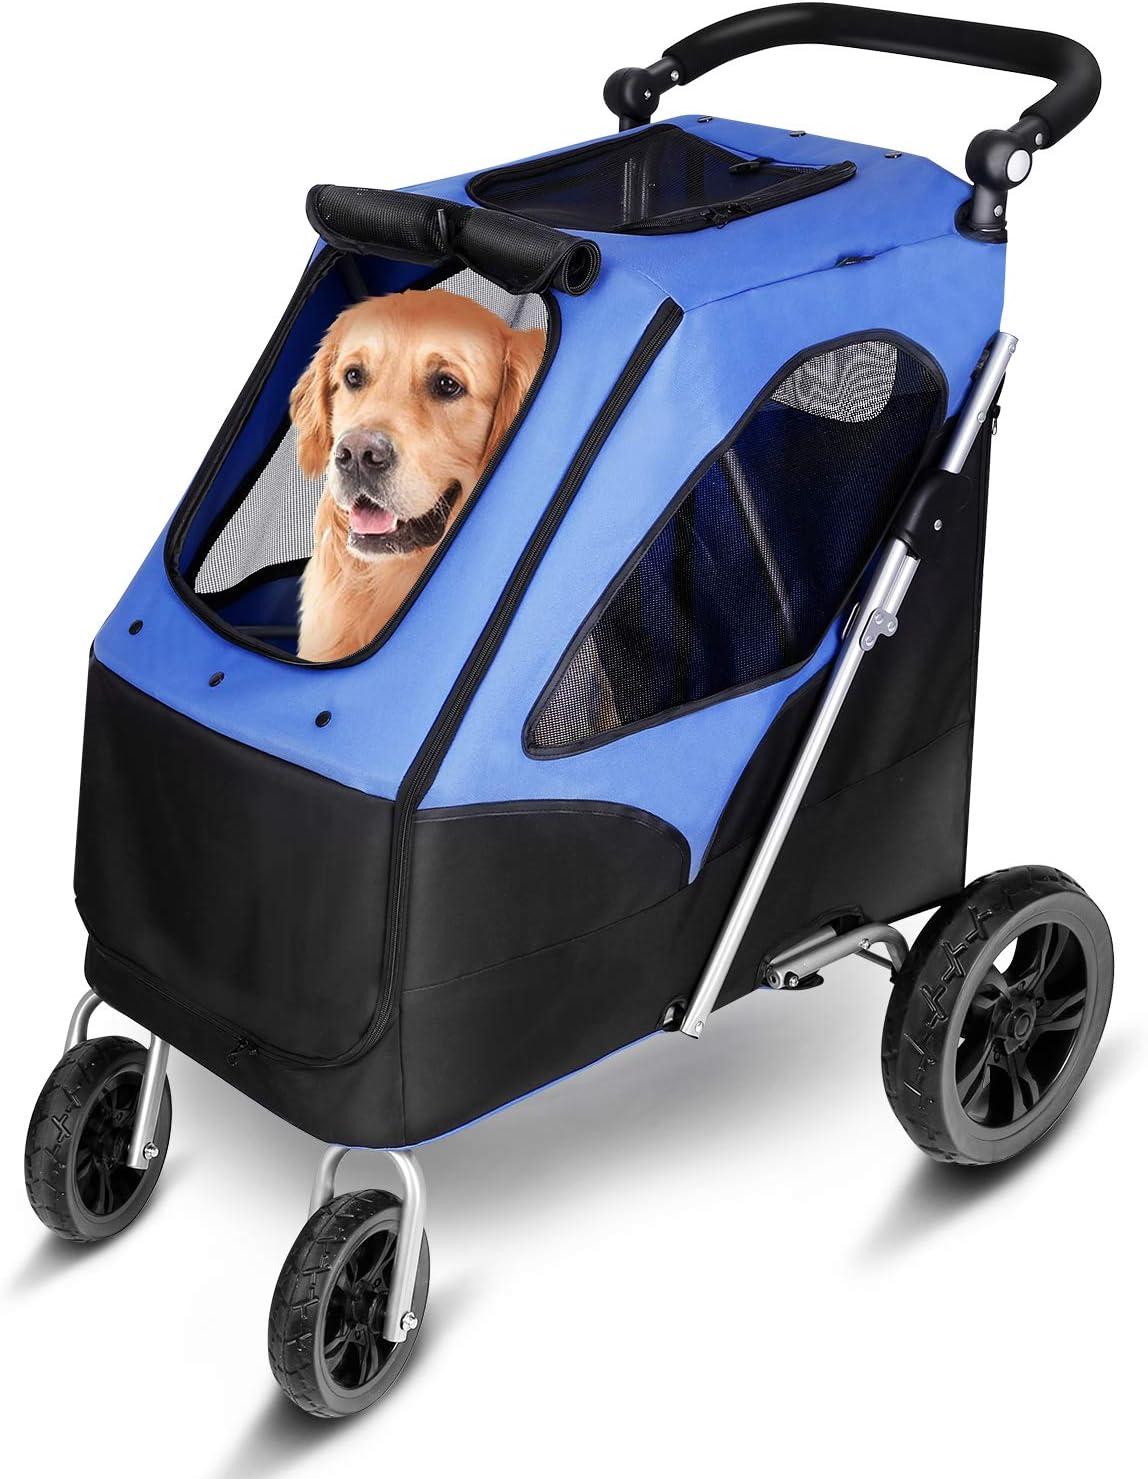 amzdeal - Cochecito para Perro Plegable con 4 Ruedas de EVA, Resistente al Agua, para Mascotas, Carga a 60 kg, para Perros medianos/Grandes y Gatos de Viaje, Resistente y Transpirable, Color Azul